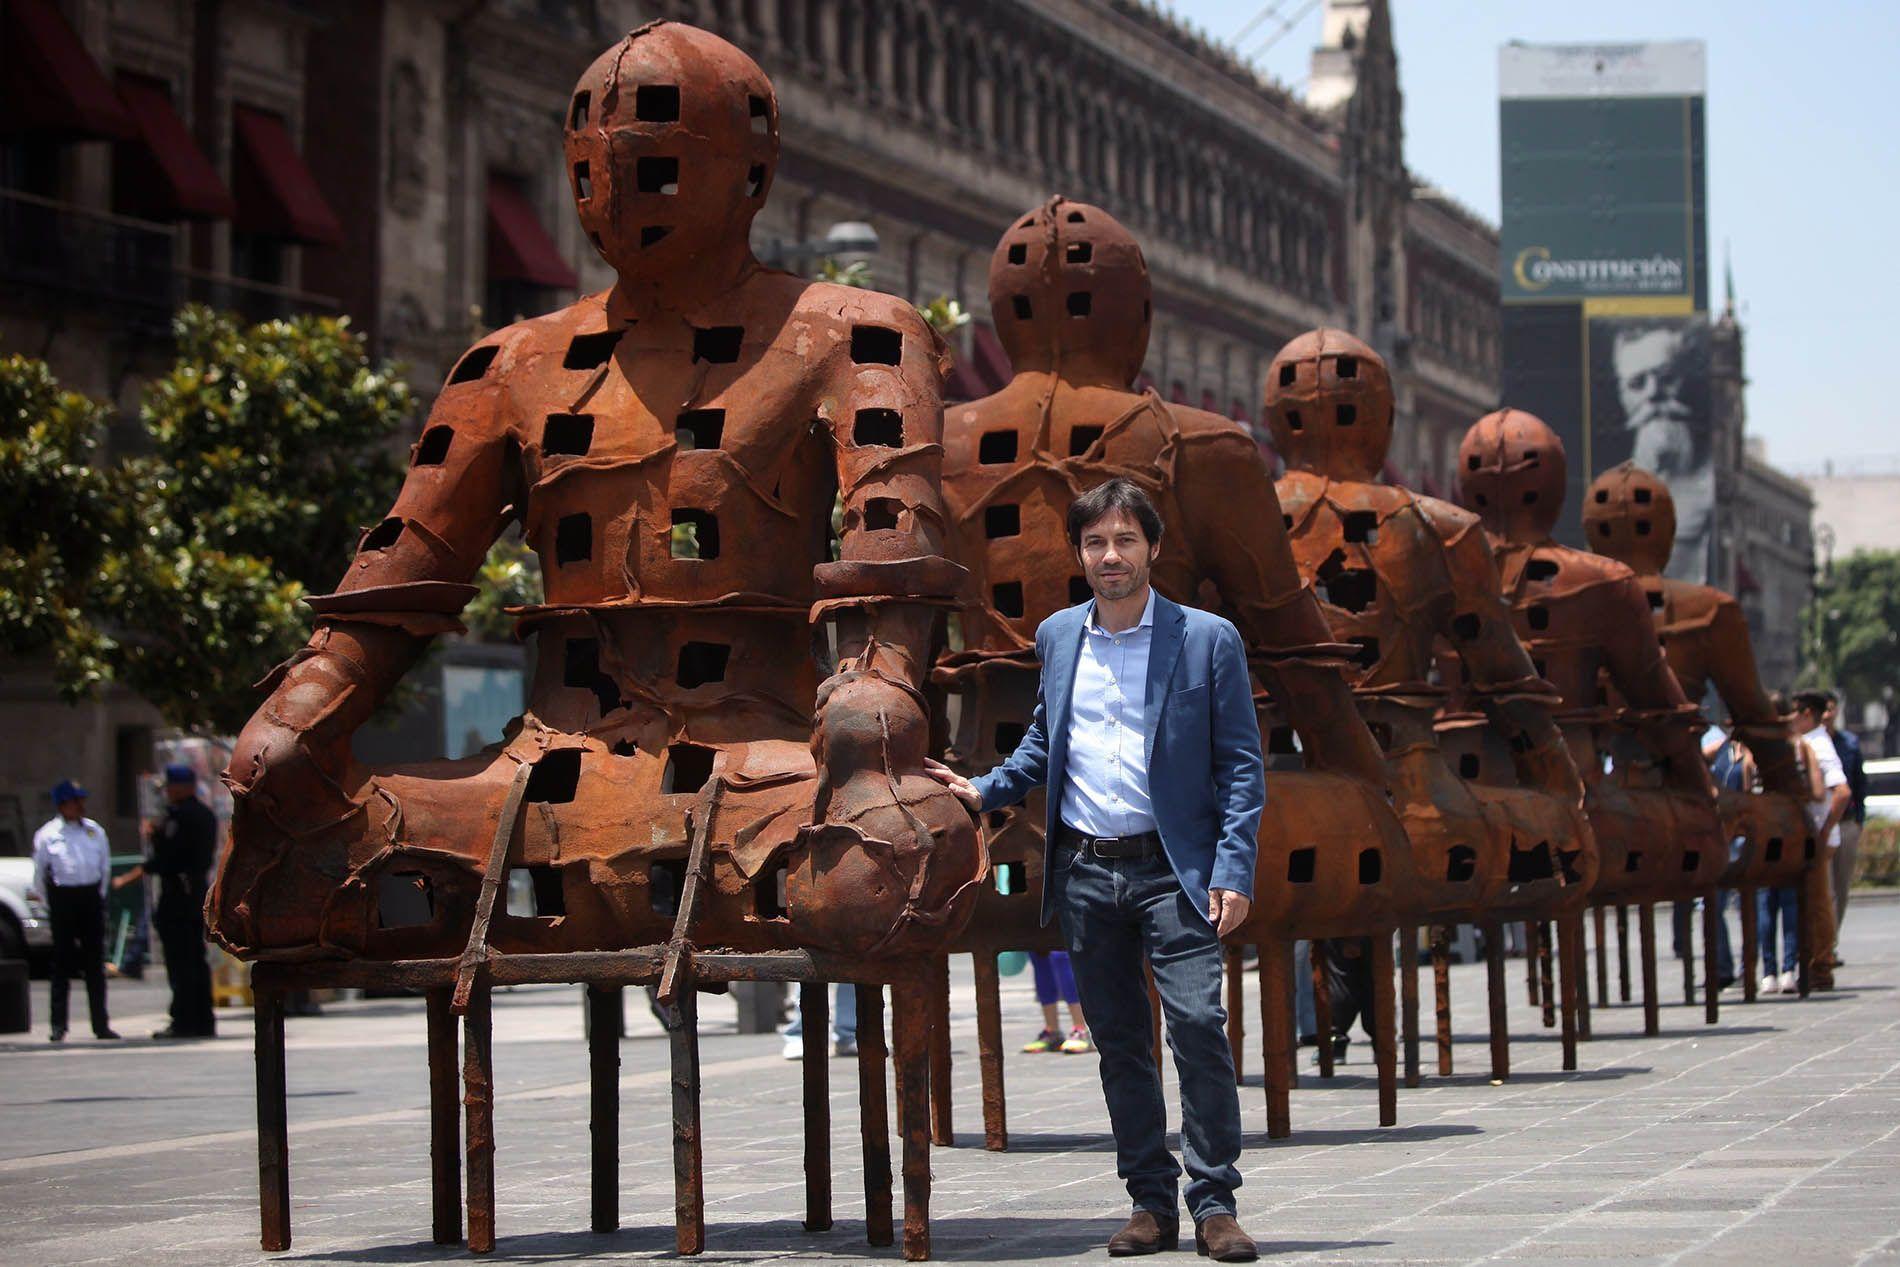 Xavier Mascaró y sus guardianes de hierro, en Ciudad de México. Foto:  Versión Final.